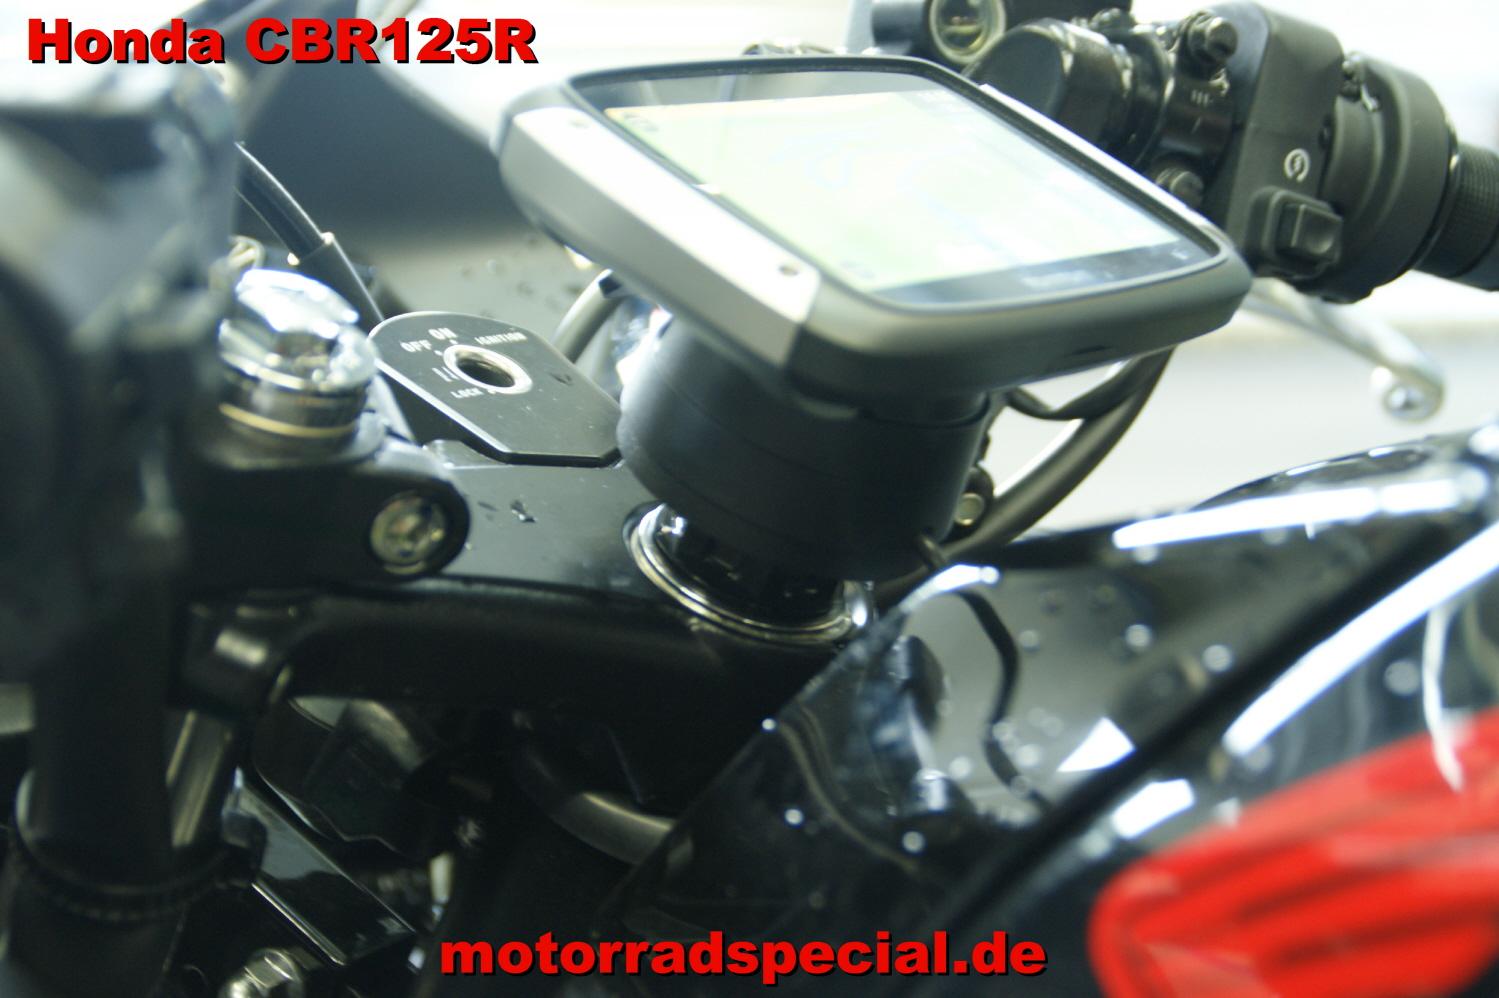 Honda_CBR_125R_Navigationshalterung_Navihalter_Navihalterung_TomTom_400_410_4